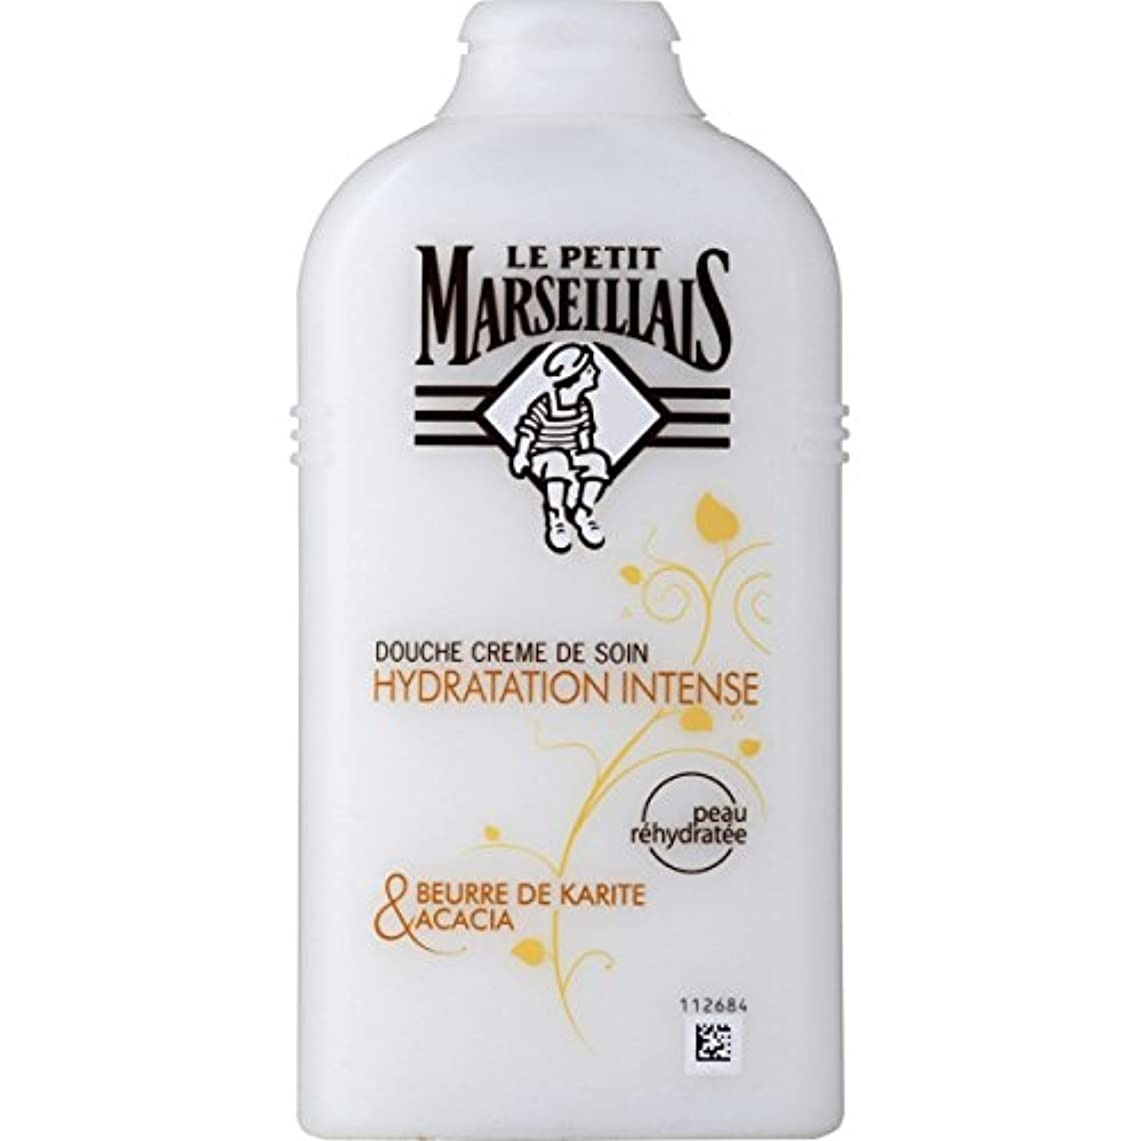 毒液群れたらい「シアバター」 と「アカシア?サリグナ」シャワークリーム フランスの「ル?プティ?マルセイユ (Le Petit Marseillais)」 250ml ボディウォッシュ